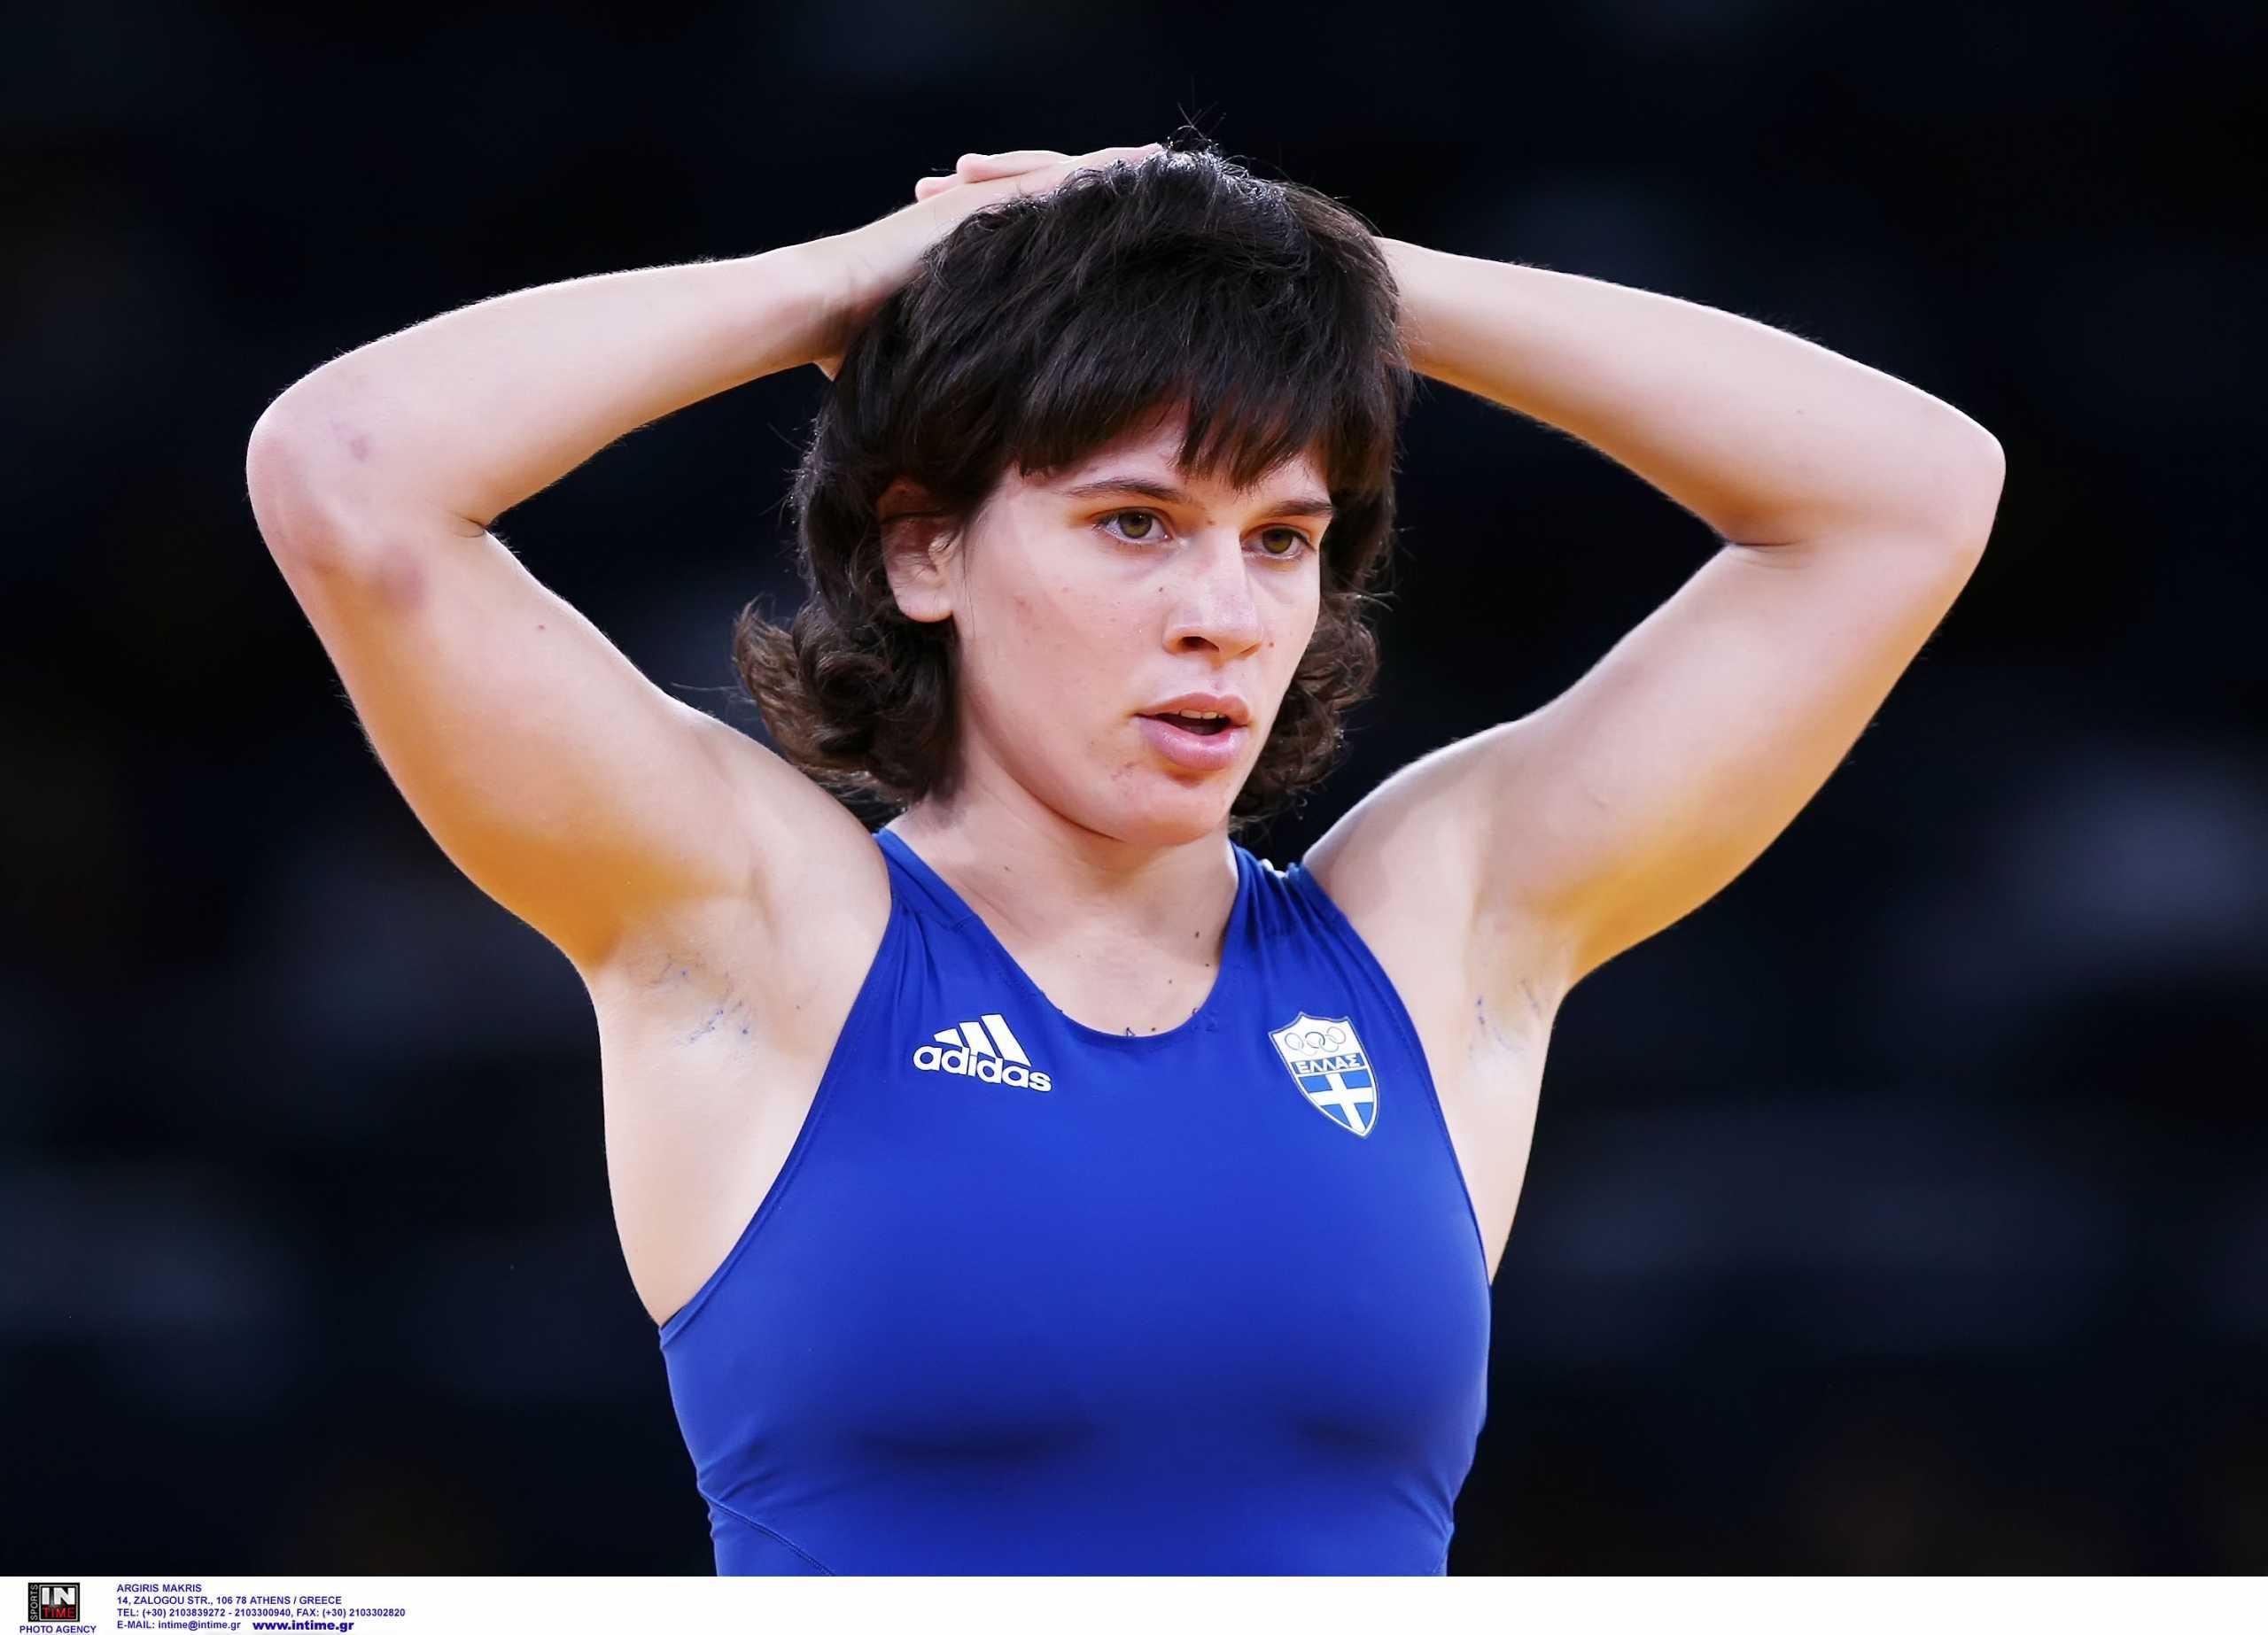 Μαρία Πρεβολαράκη: Πρόωρος αποκλεισμός για την Ελληνίδα πρωταθλήτρια της πάλης στους Ολυμπιακούς Αγώνες